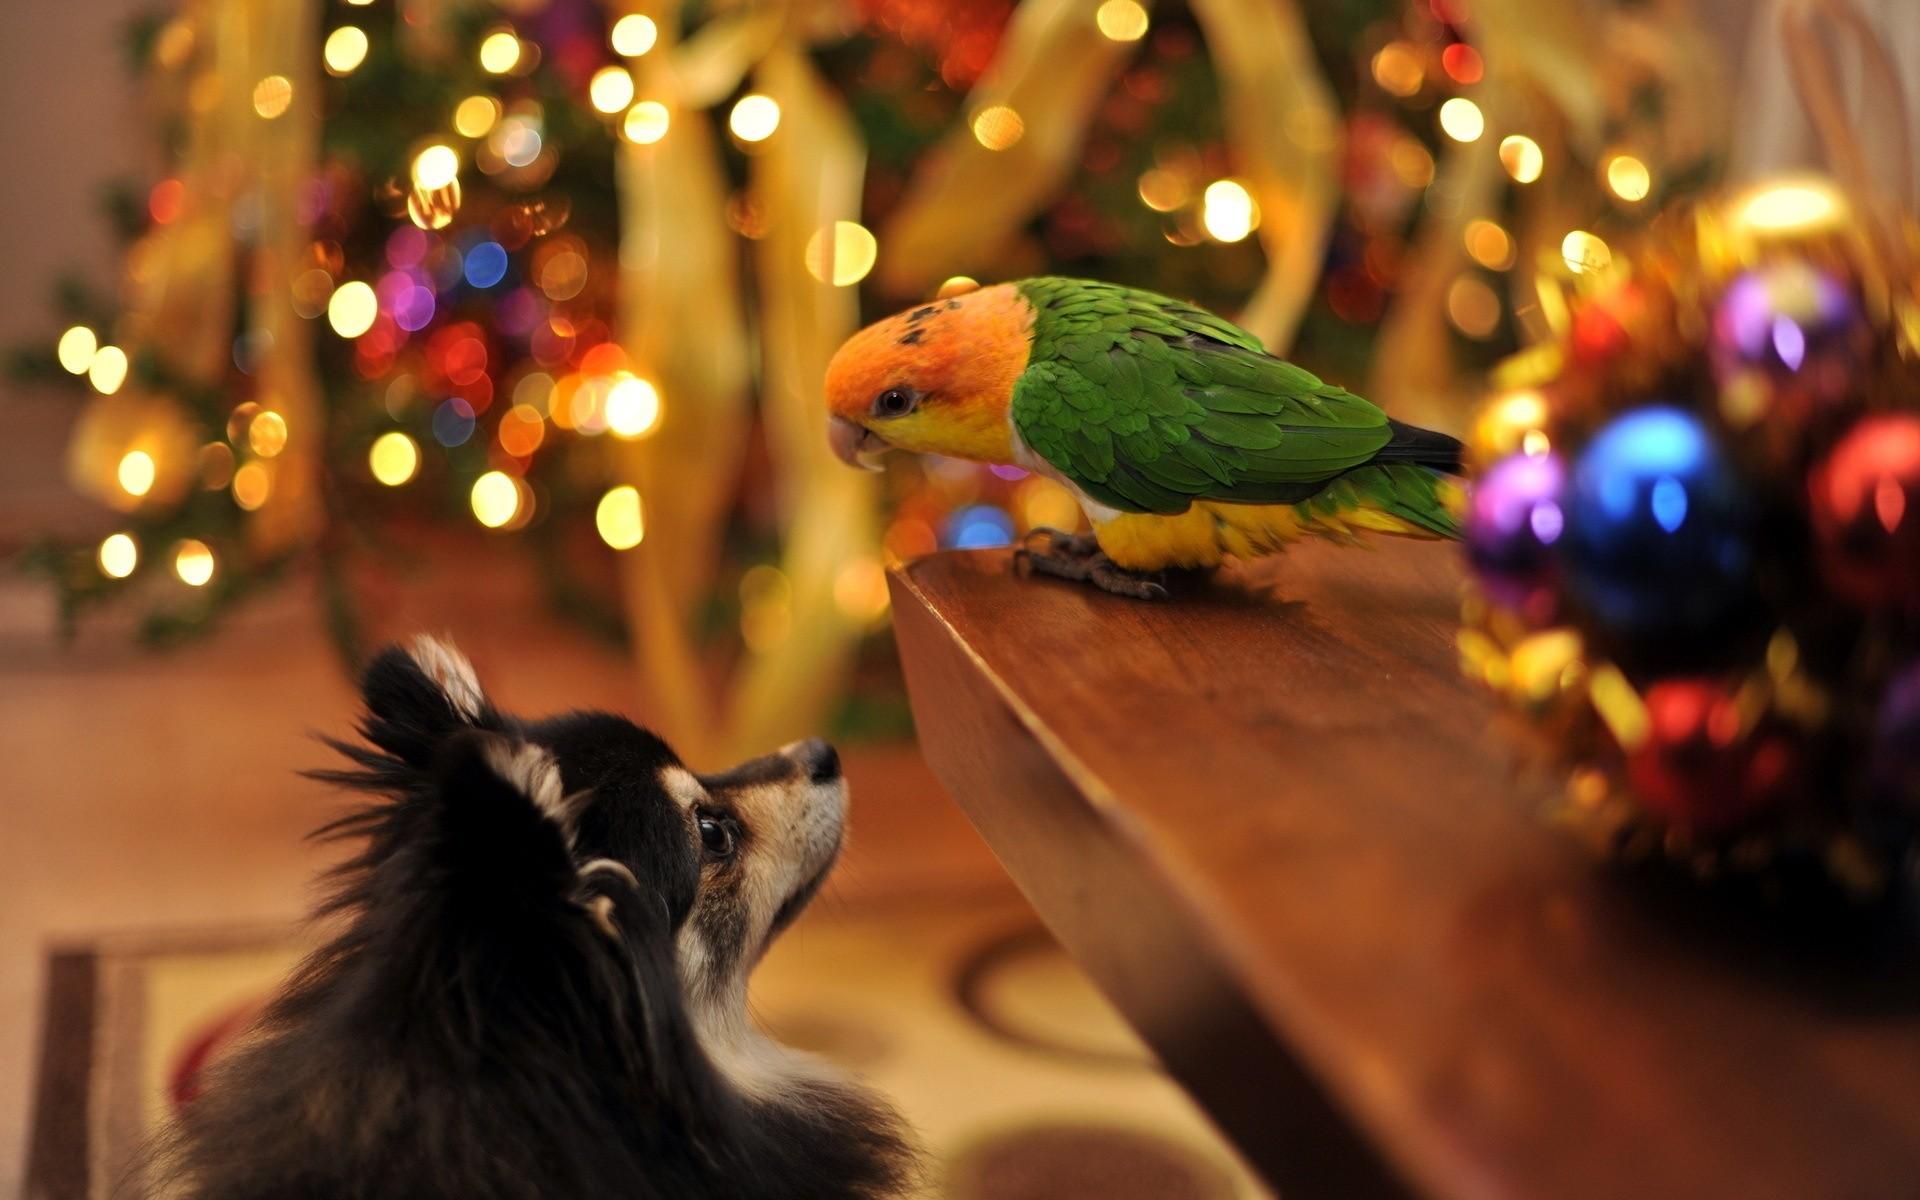 Картинки праздничные с животными, днем рождения дочке